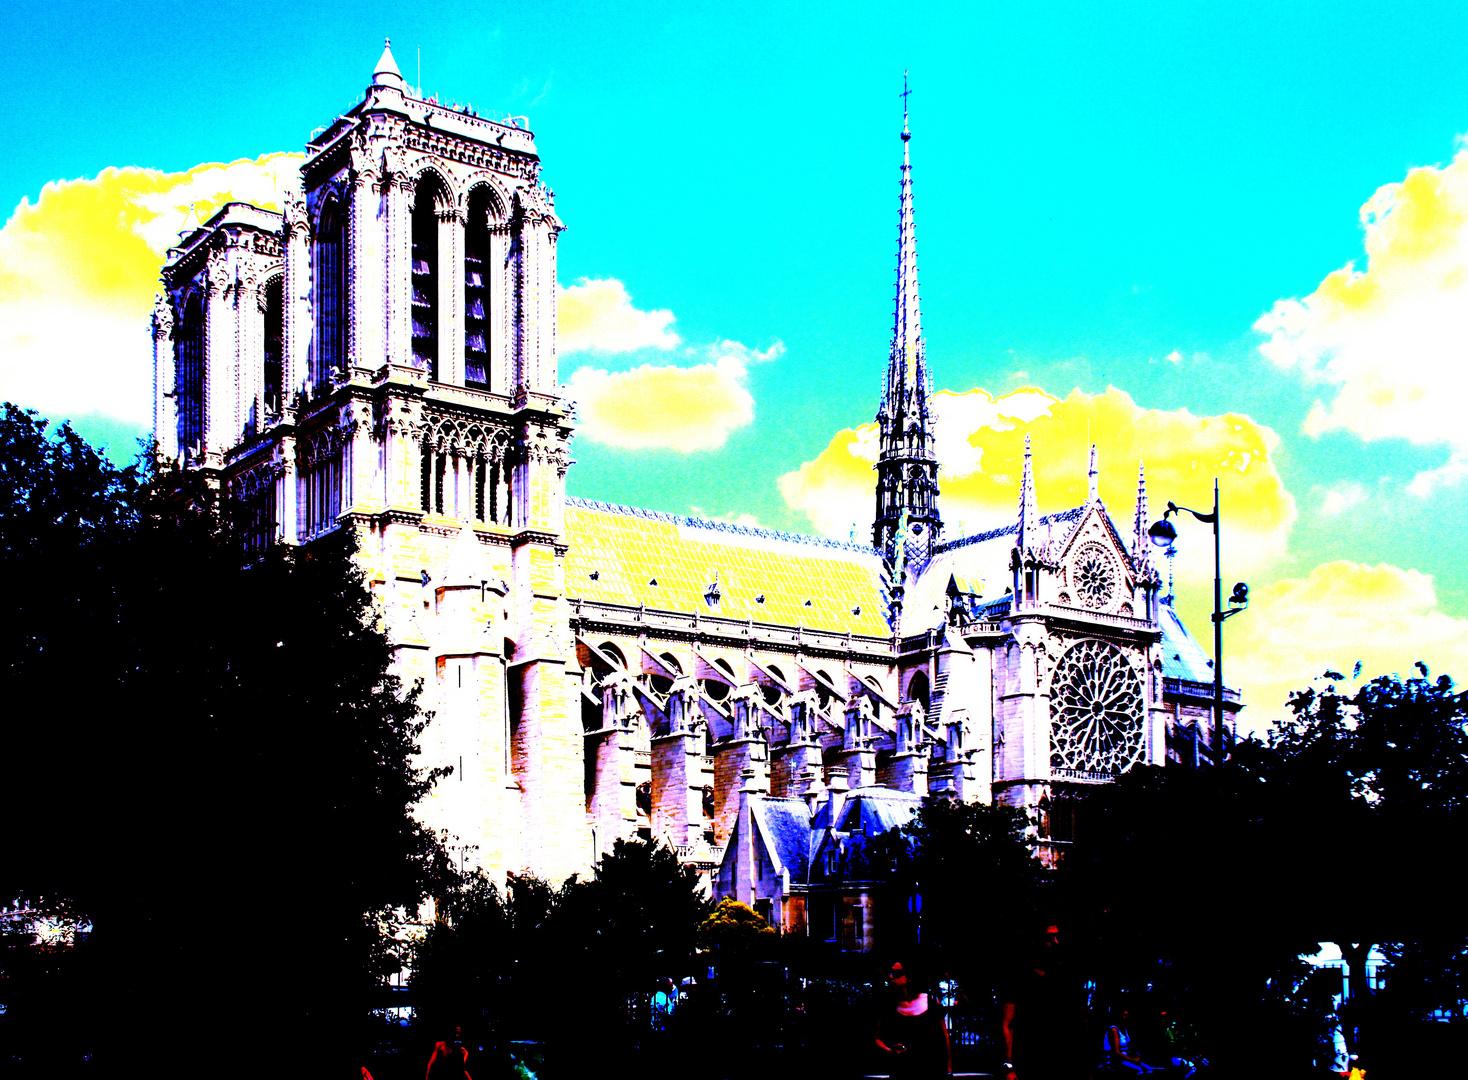 Paris: Notre-Dame im Stile der Souvenir-Künstler